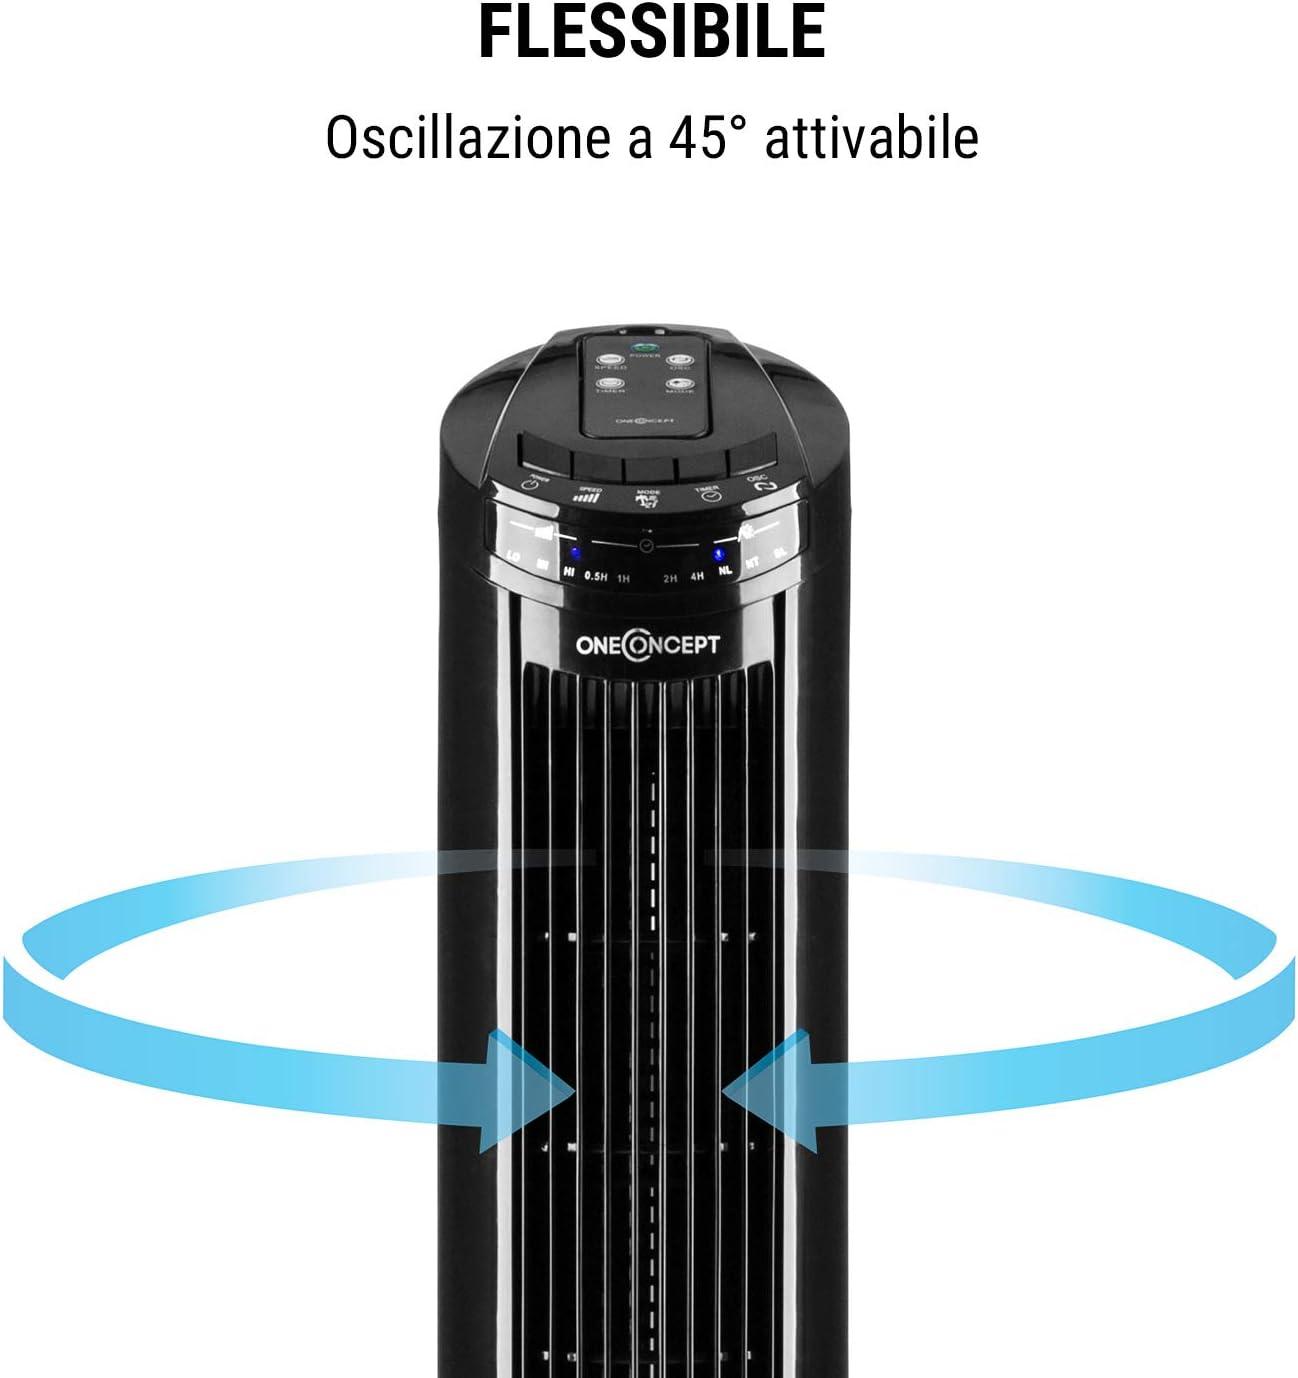 oneConcept Blitzeis - Ventilatore a Colonna, Potenza: 40W, Oscillazione: 45°, Basamento, Telecomando, Display LED, Timer, Rumorosità: 54 Db Max, Nero Nero